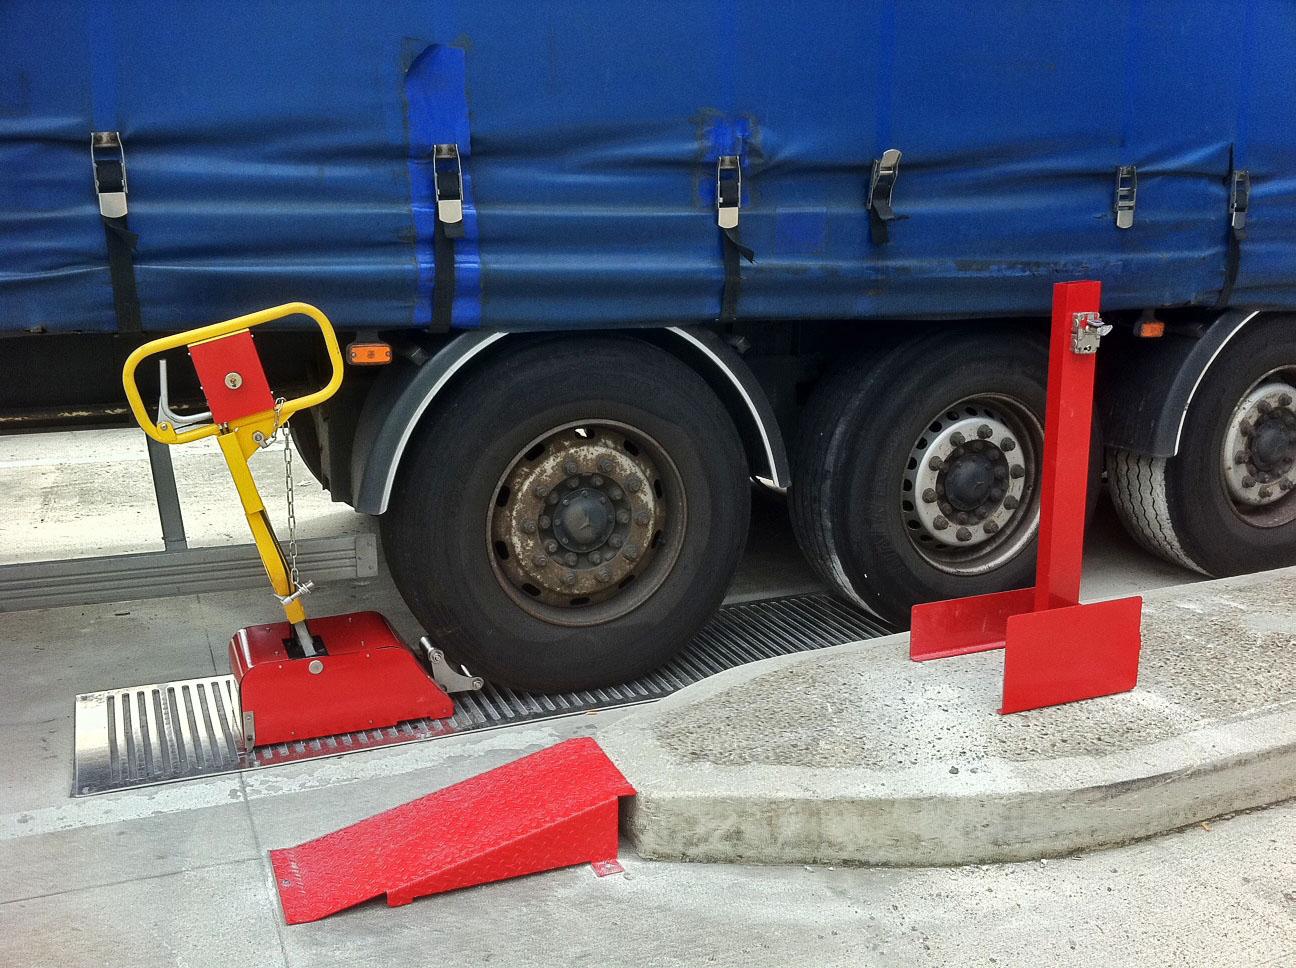 Vor dem Rad platziert und in den Rillen der Bodenplatte eingerastet, lässt sich der Hebel nach unten drücken und anschließend der Schlüssel zum Öffnen des Rolltors entnehmen. Bild: STI